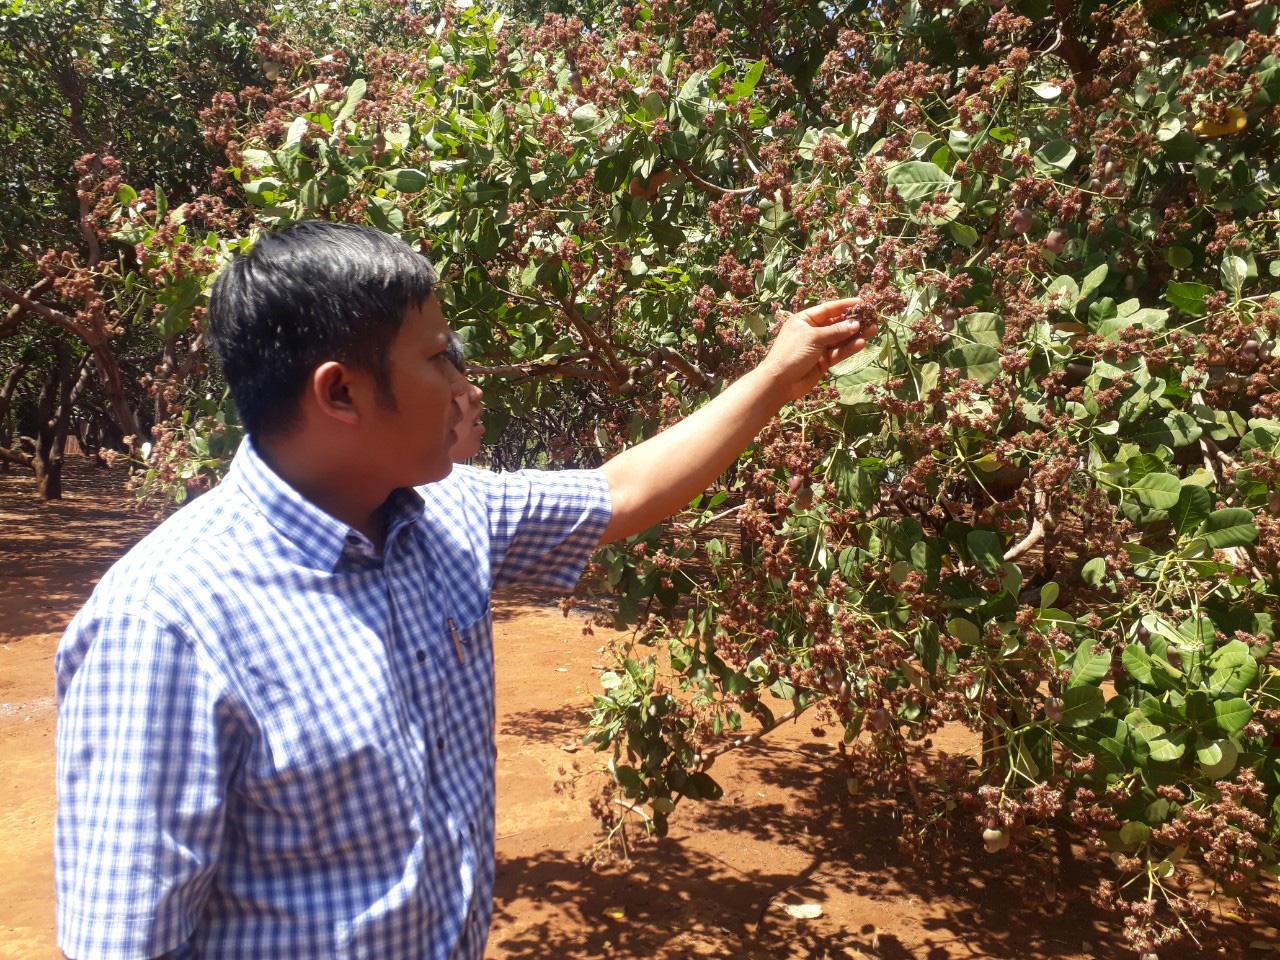 Hàng nghìn nông dân lo lắng mất mùa vì điều ra quả ít dù rất nhiều hoa - Ảnh 2.